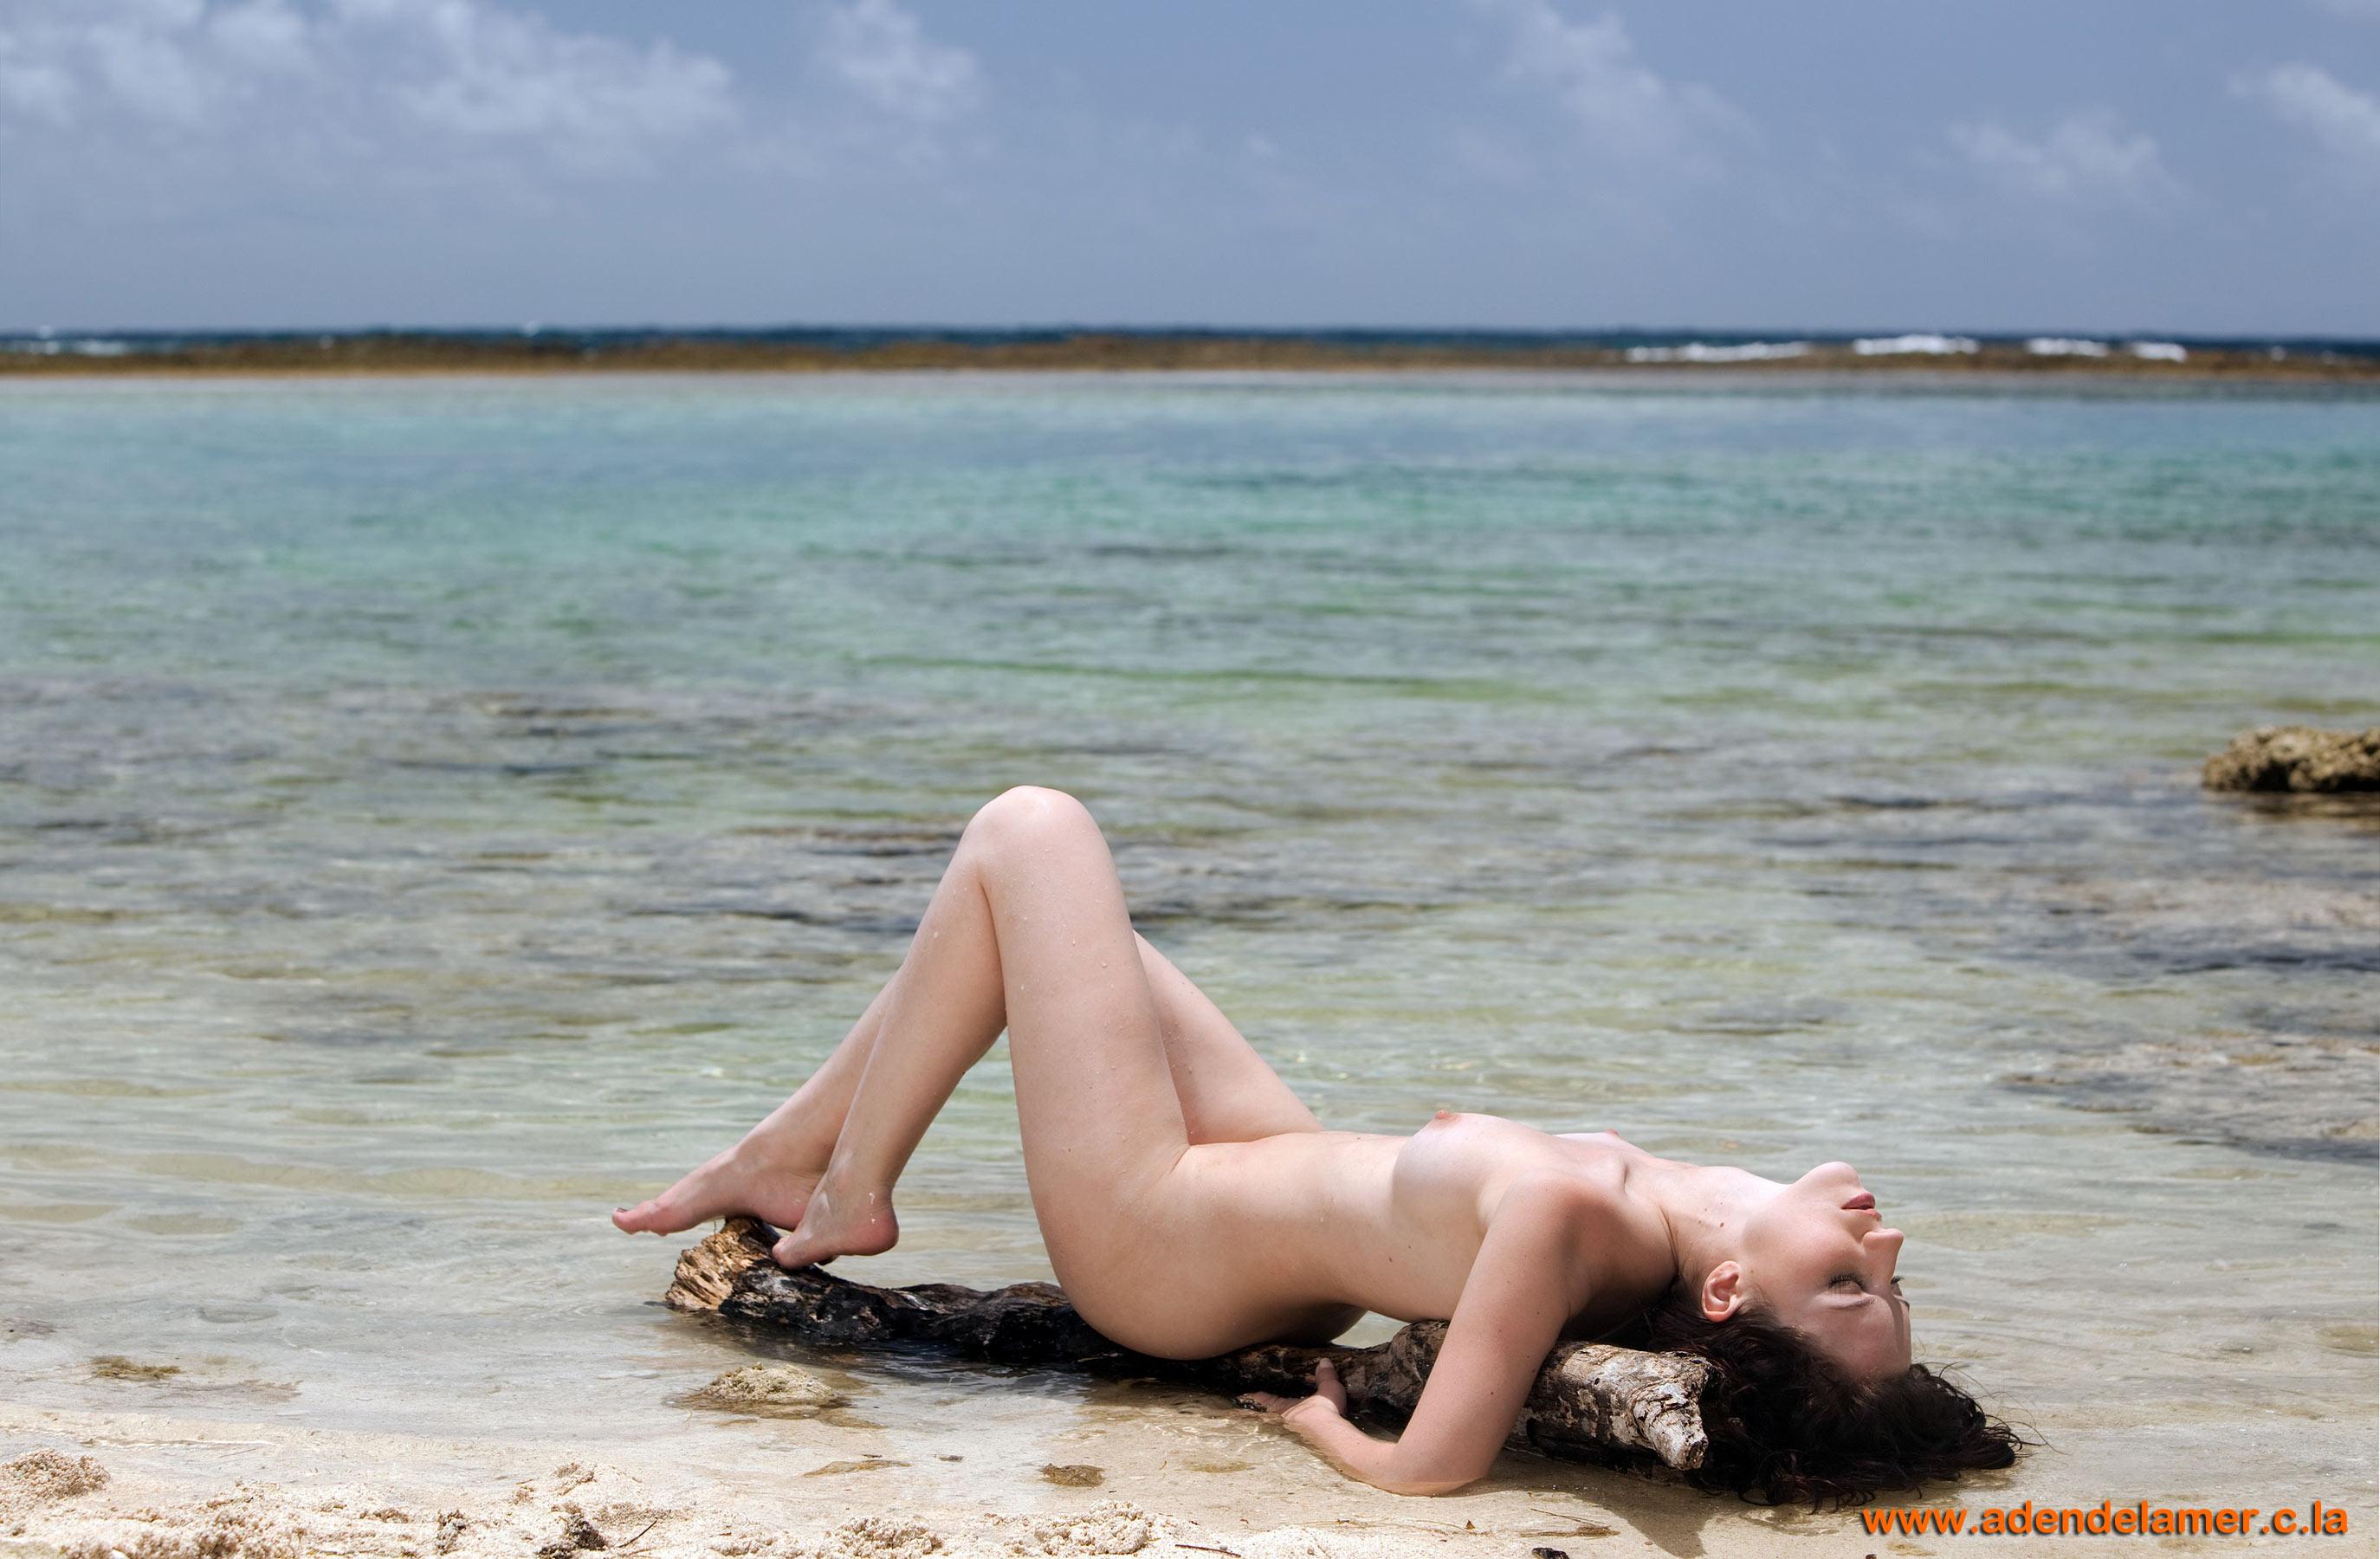 Нимфетка загорает на пляже